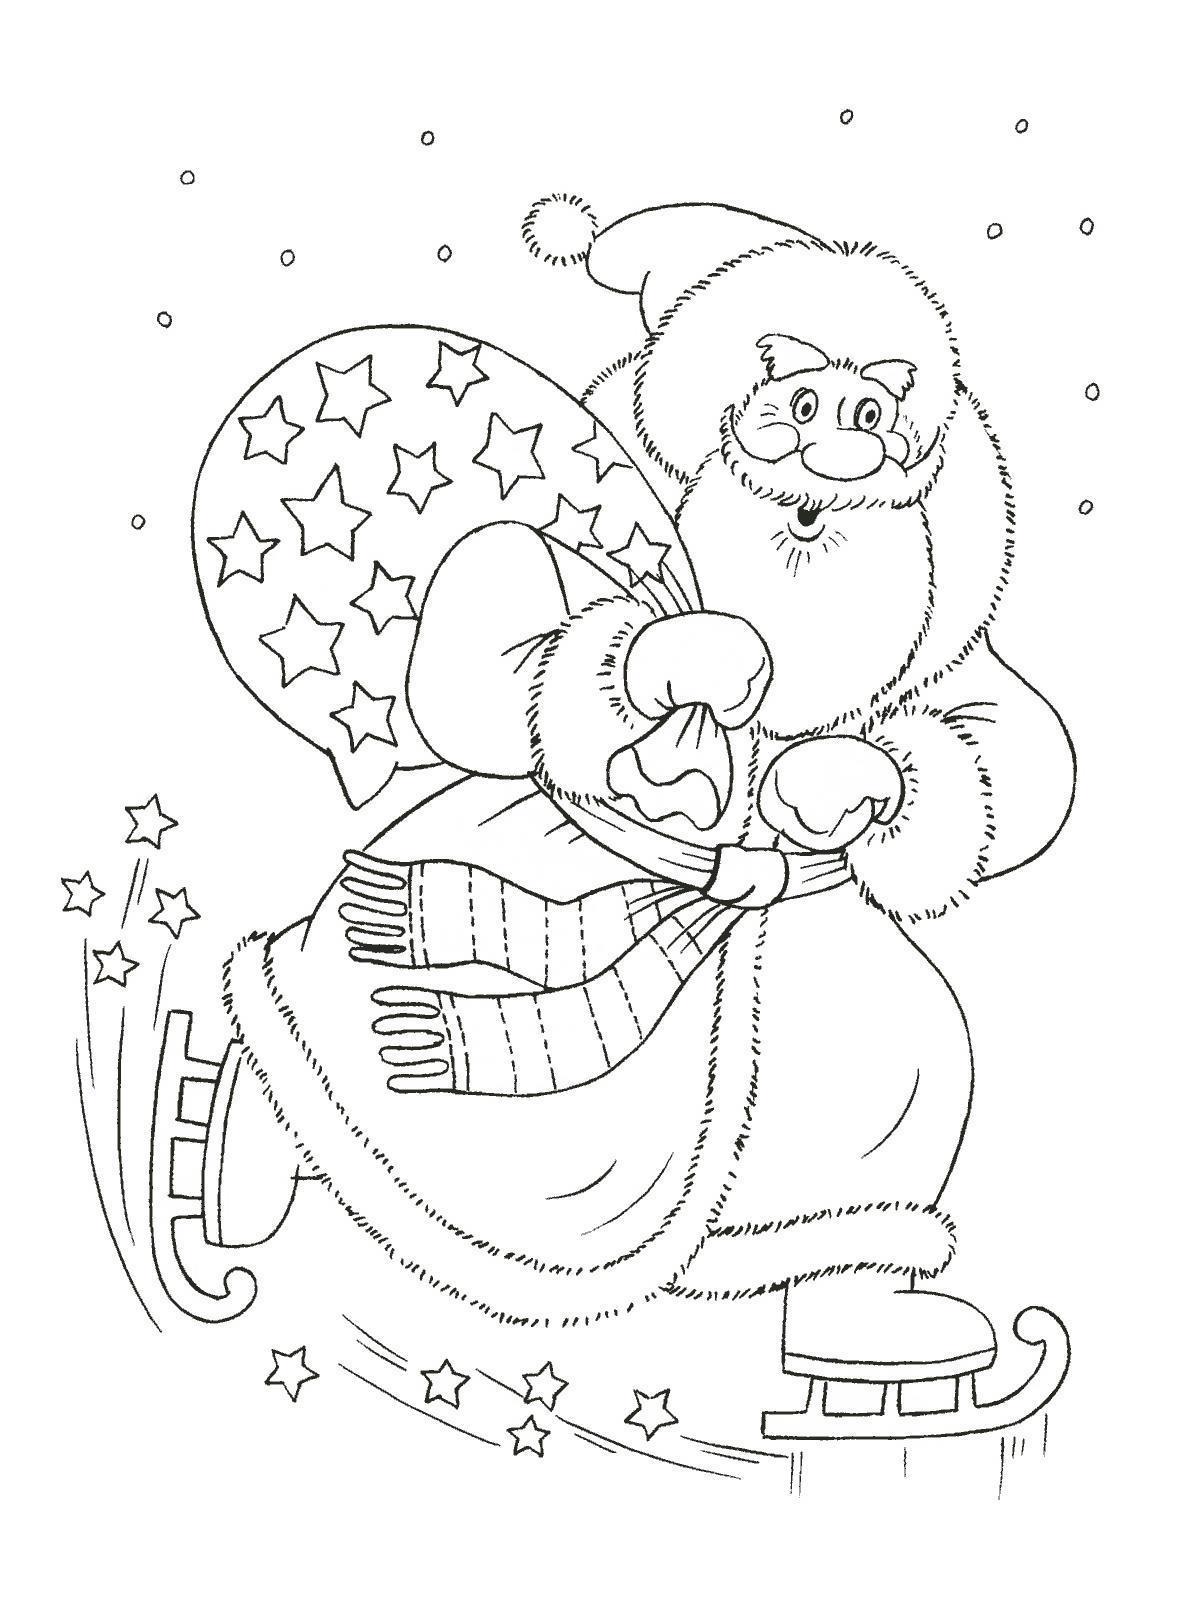 Дед мороз едет на коньках с мешком  в звездах Раскраска зима пришла